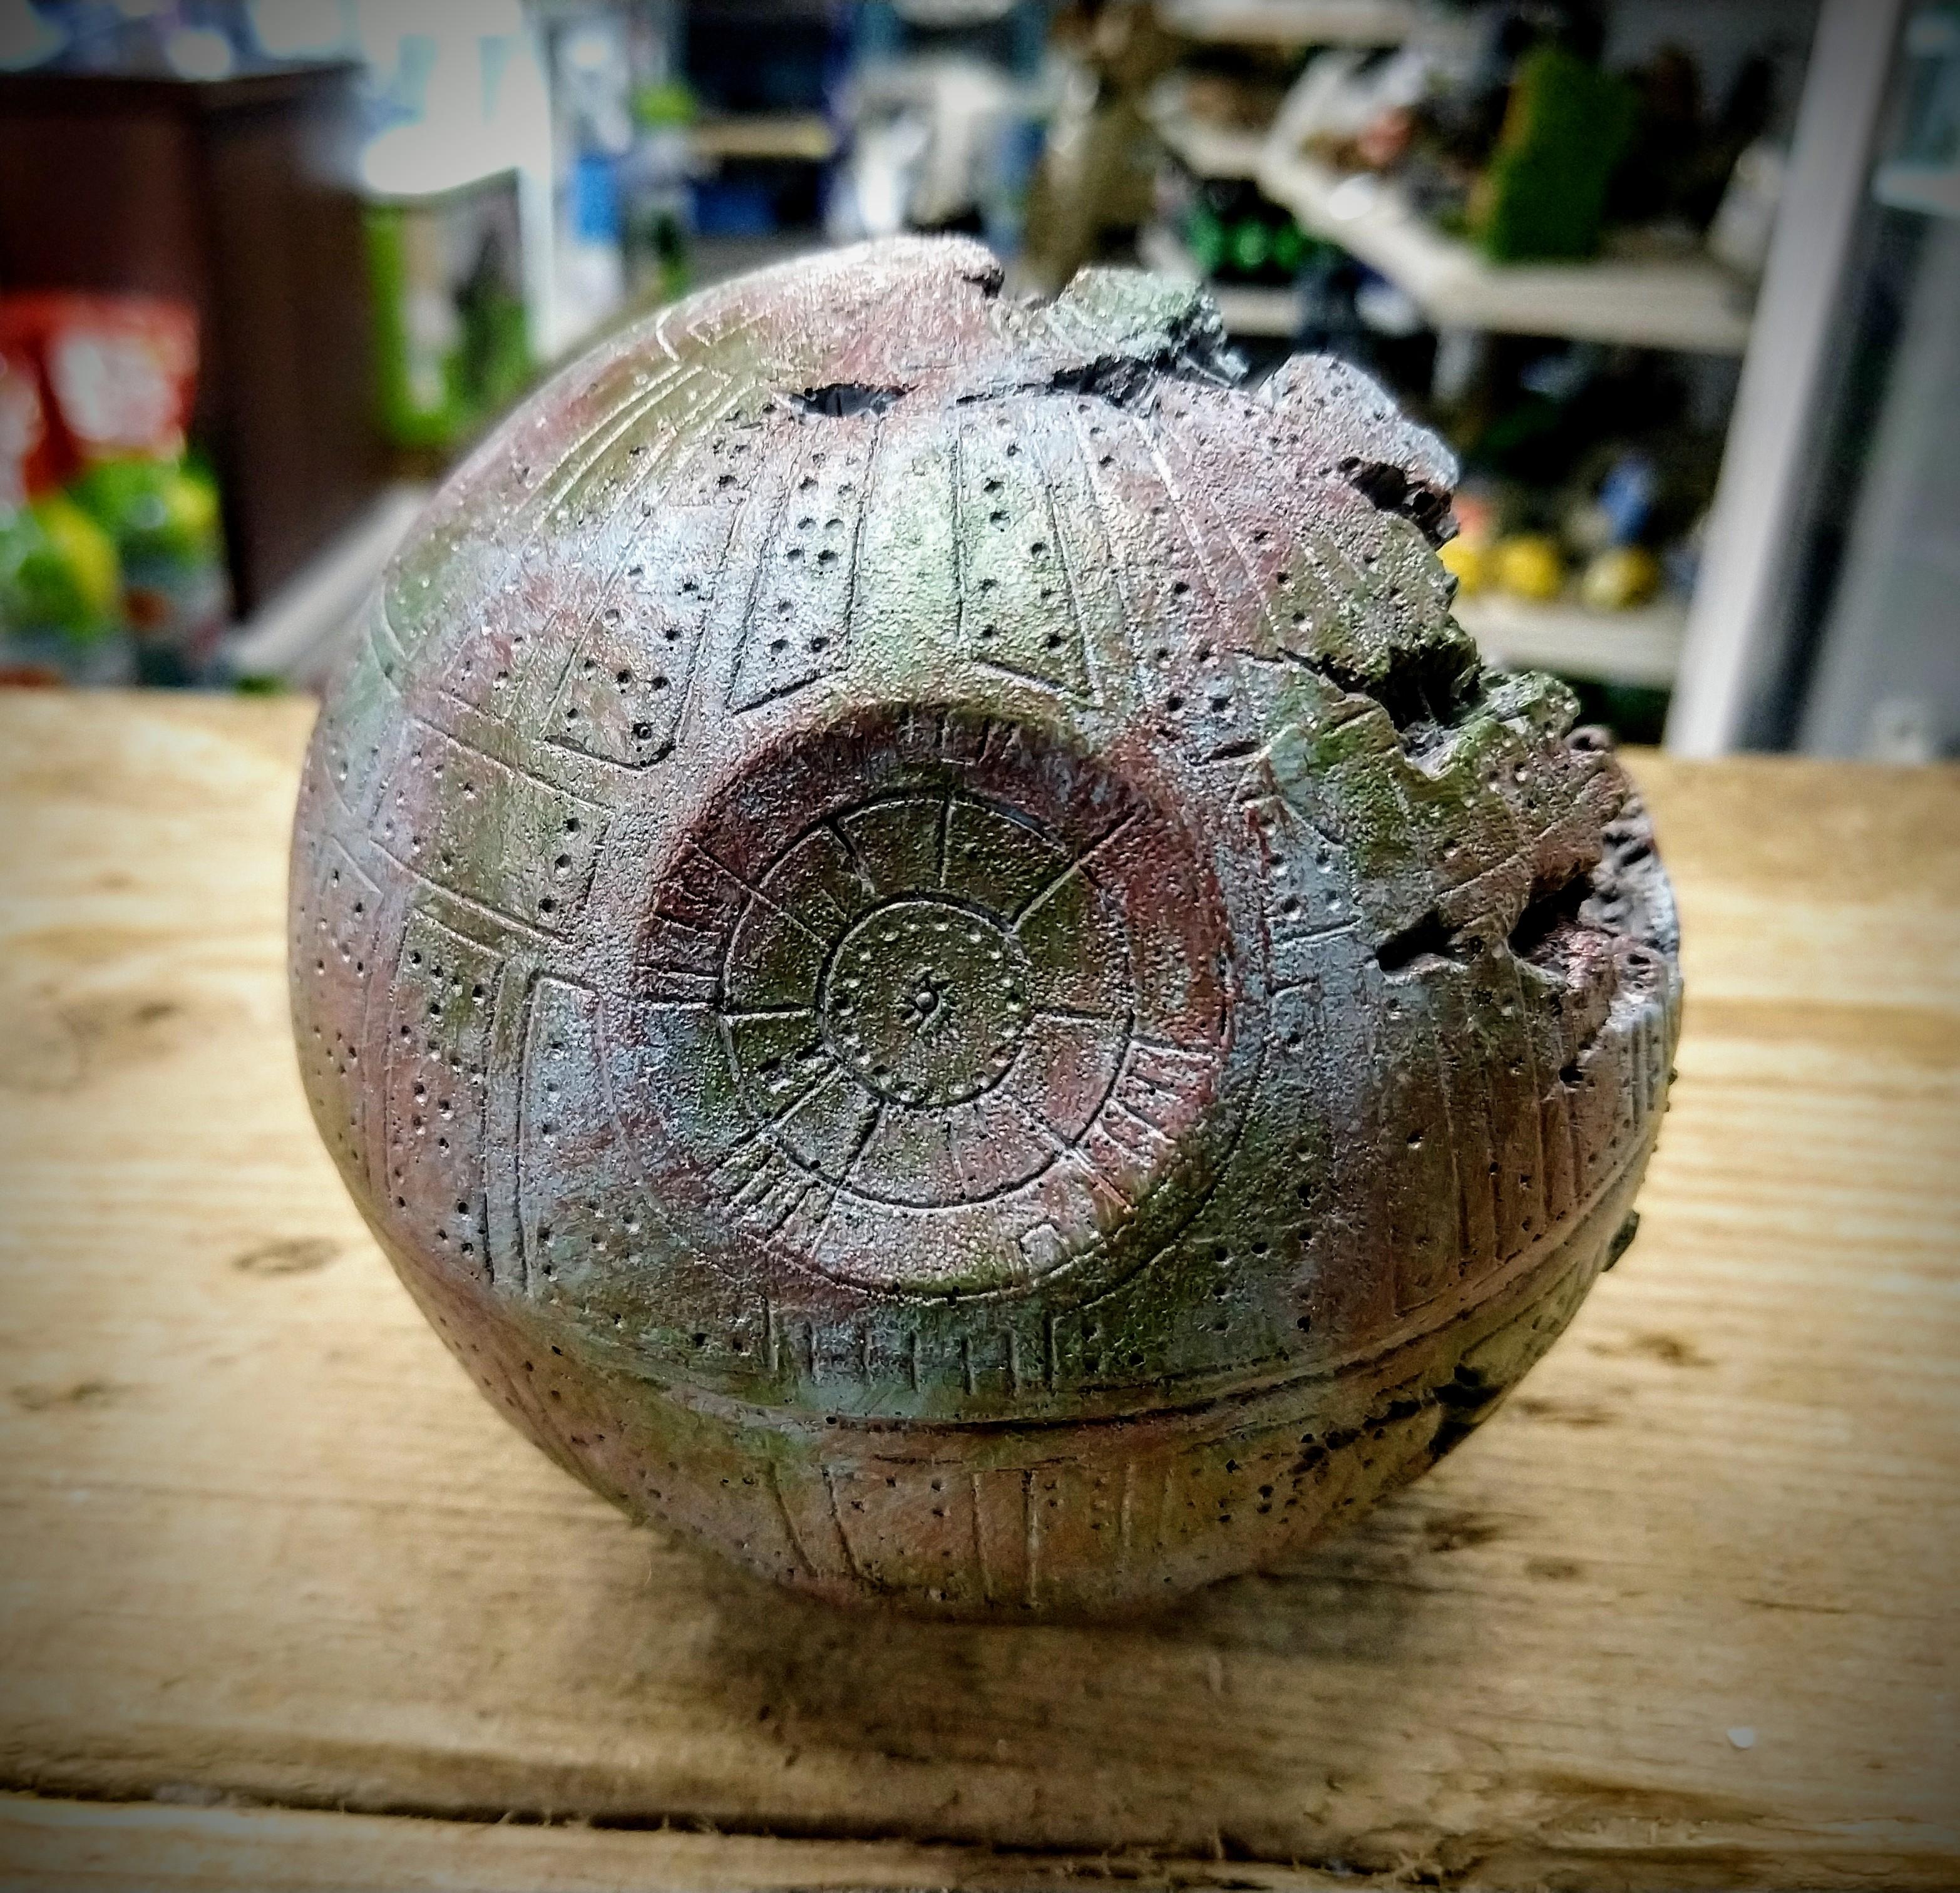 Boom Planet Star Wars Style Death Star Small Med Aquarium Fish Tank Ornament